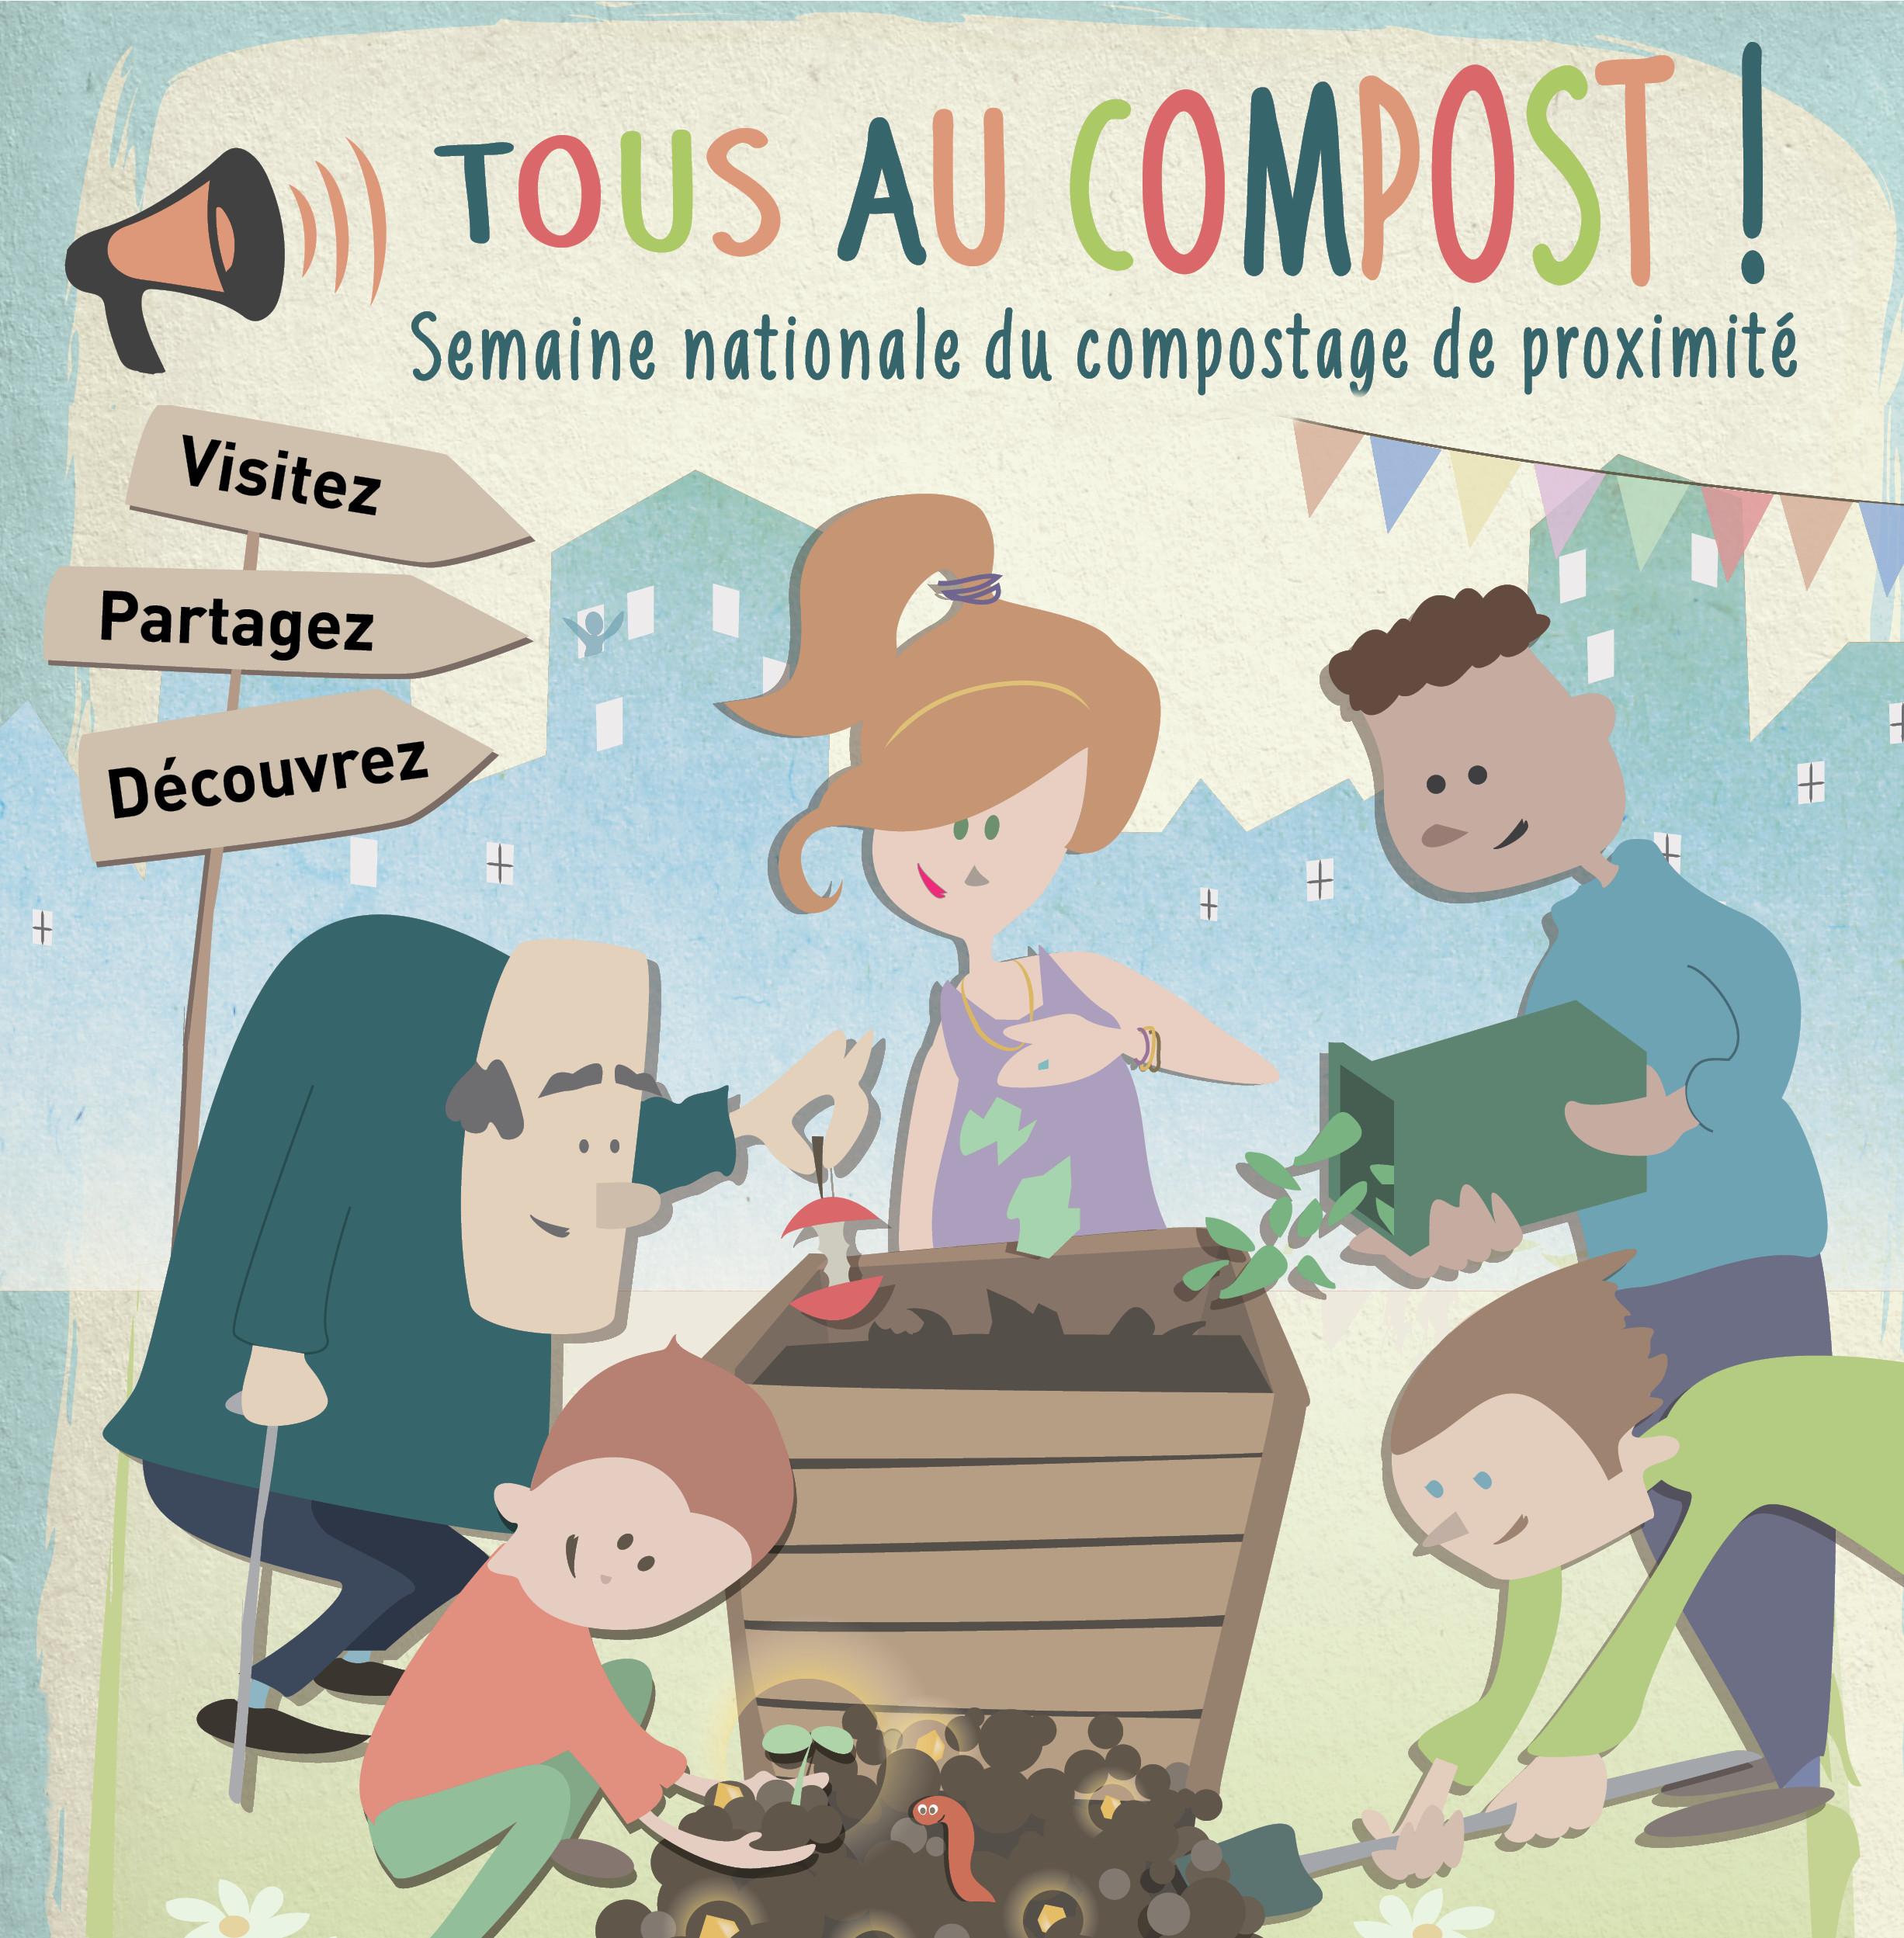 tous au compost, la semaine nationale du compostage de proximité